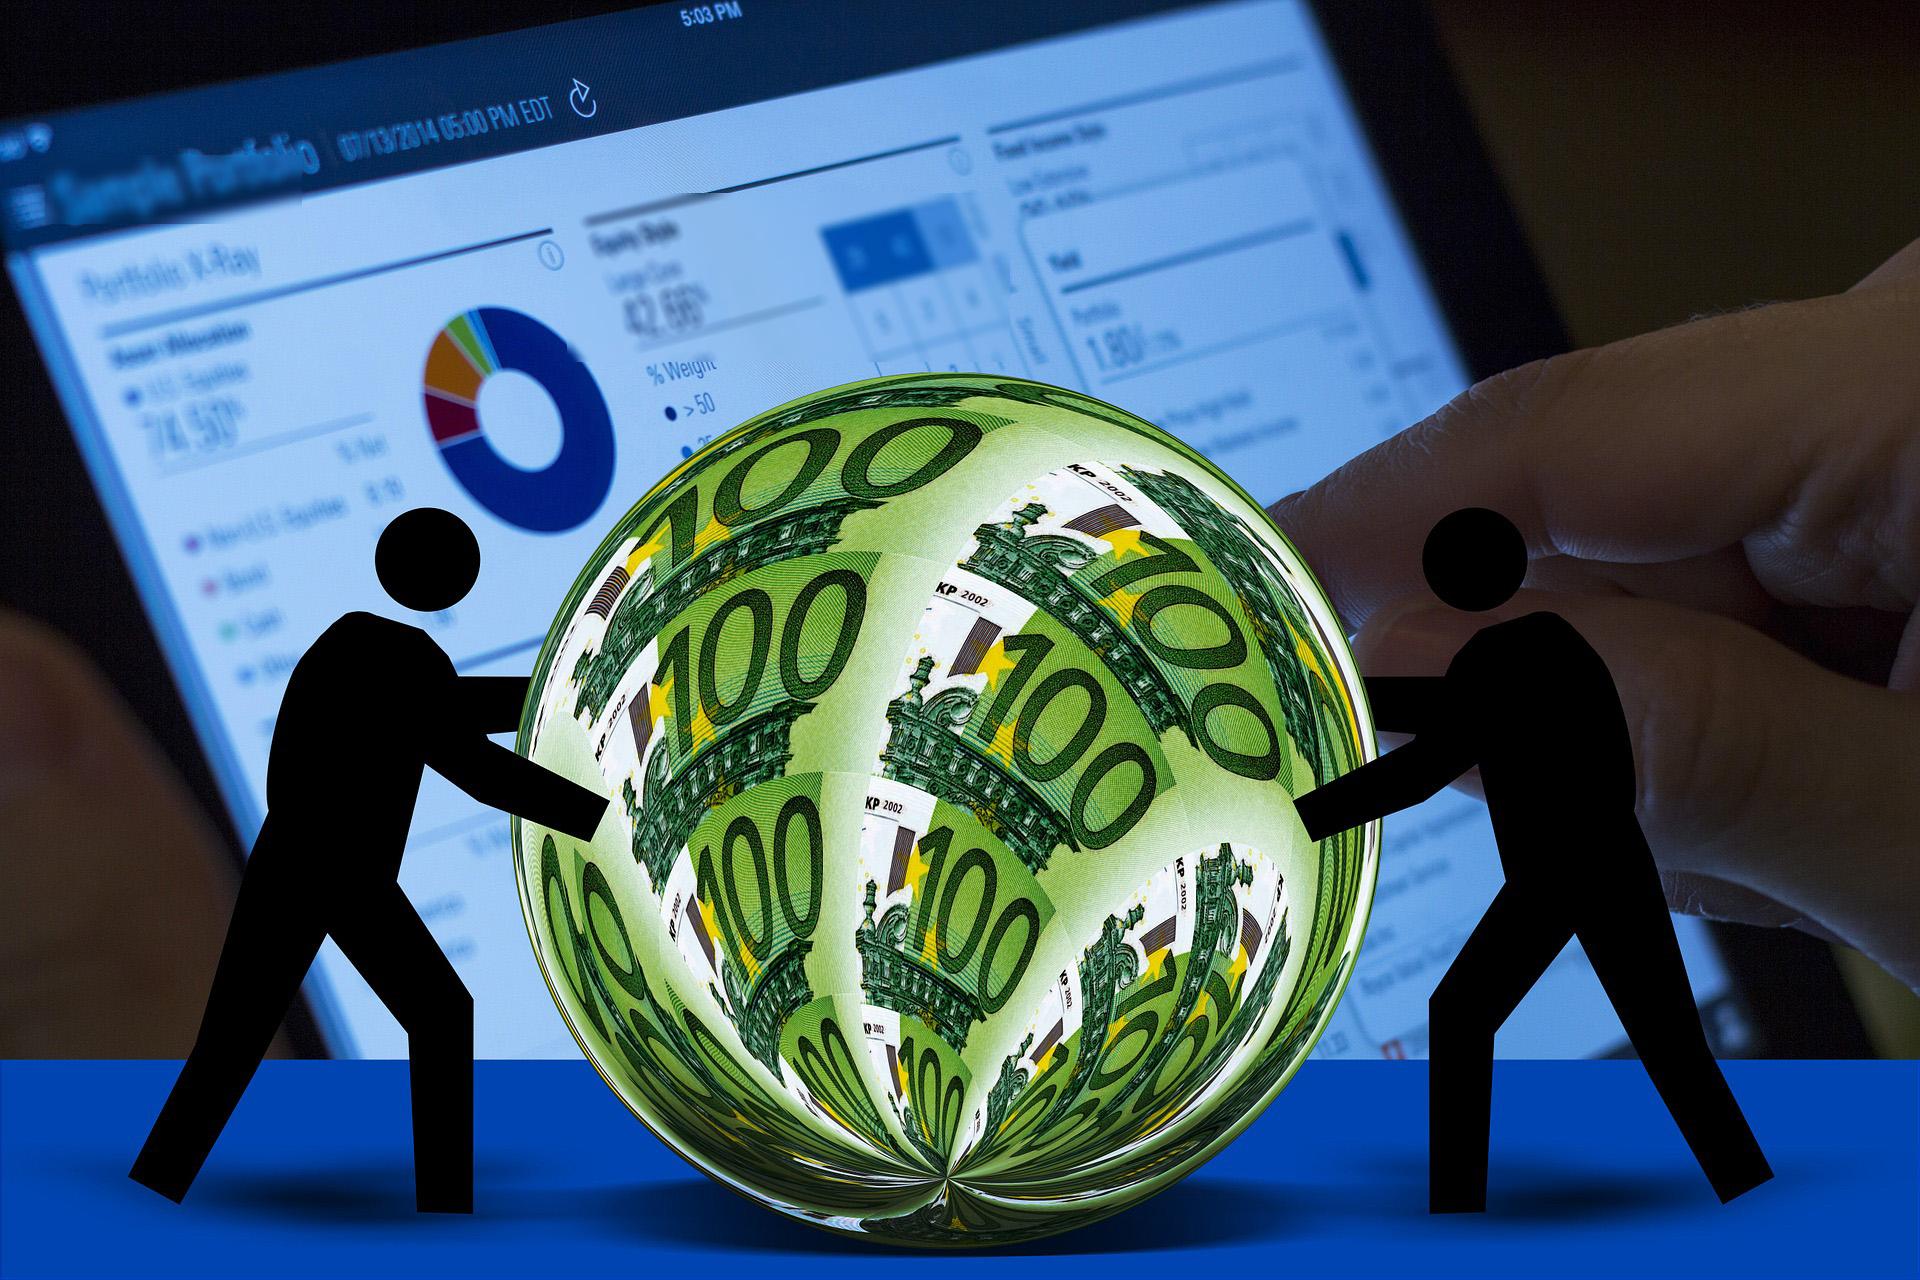 AFIR: Semnatura electronica, obligatorie pe formularele de plata aferente proiectelor de investitii